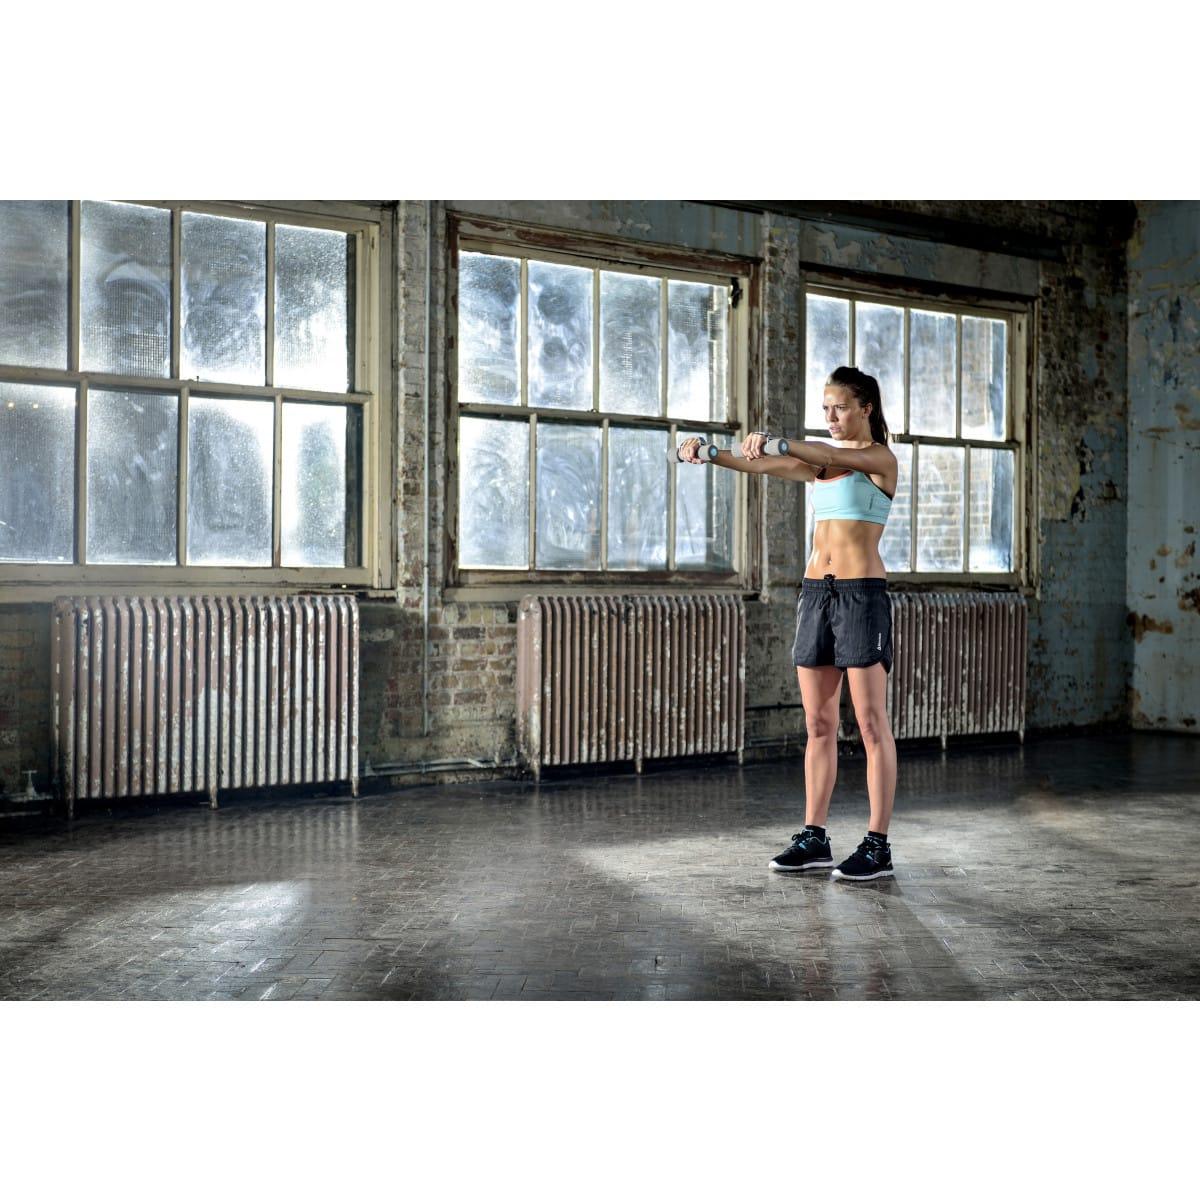 Reebok Paire d'haltères gris 0,5 kg Soft-Grip, Femme en plein sport 2